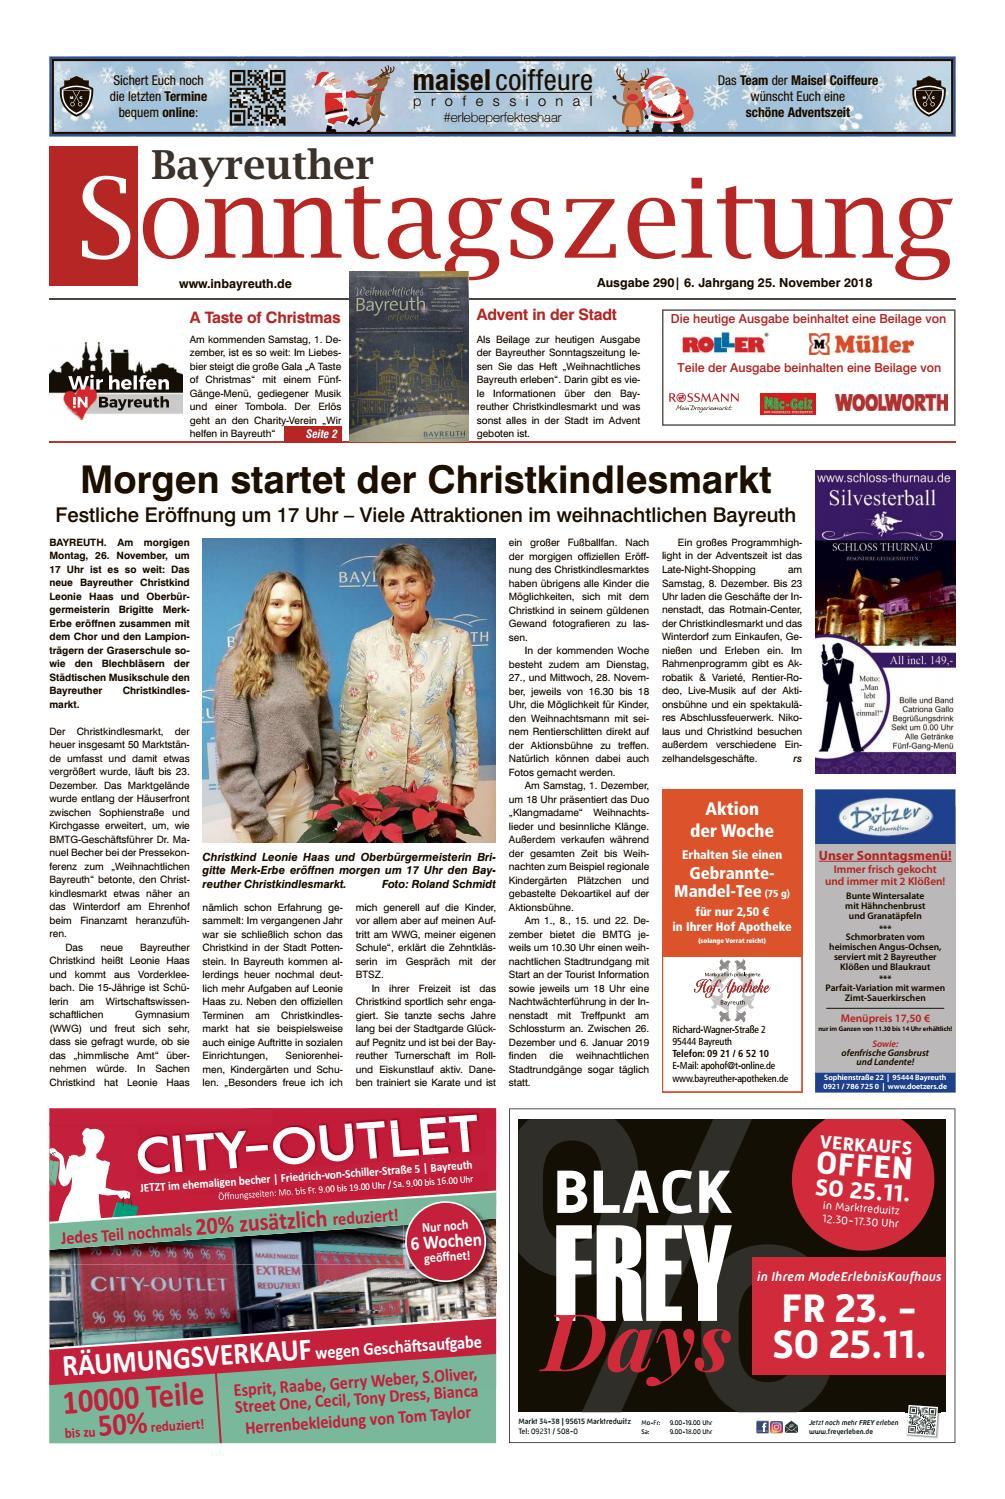 Bayreuth Gute Begleiter FüR Kinder Sowie Erwachsene Bayreuther Festspiele Tickets Tickets